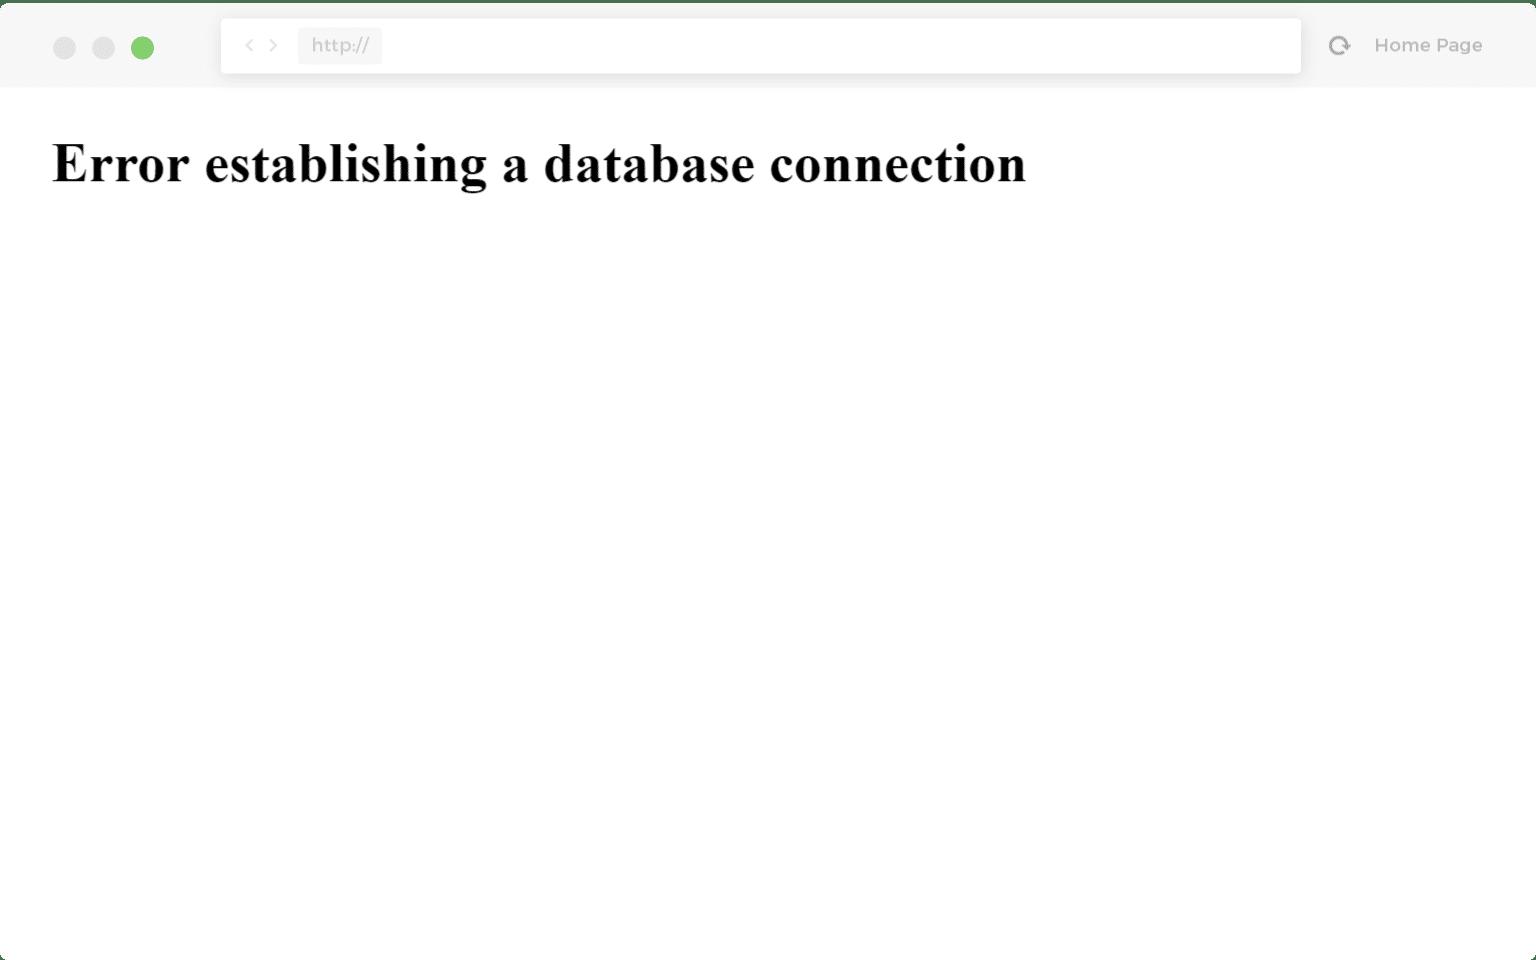 、「データベース接続の確立中にエラーが発生」メッセージの例